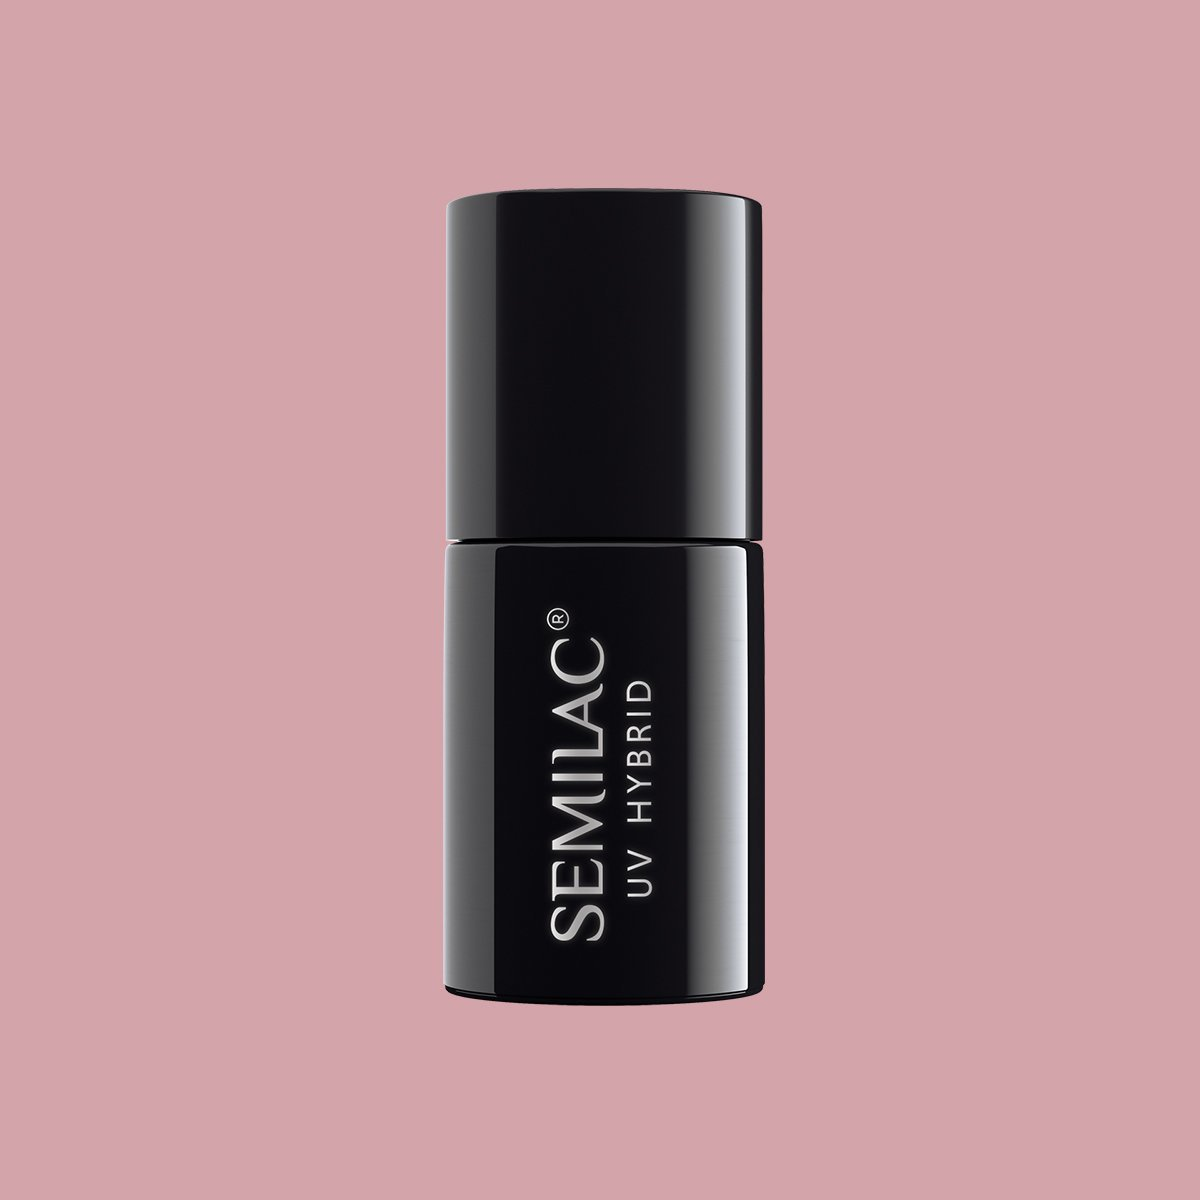 SEMILAC 004 Classic Nude UV LED Lakier Hybrydowy 7ml